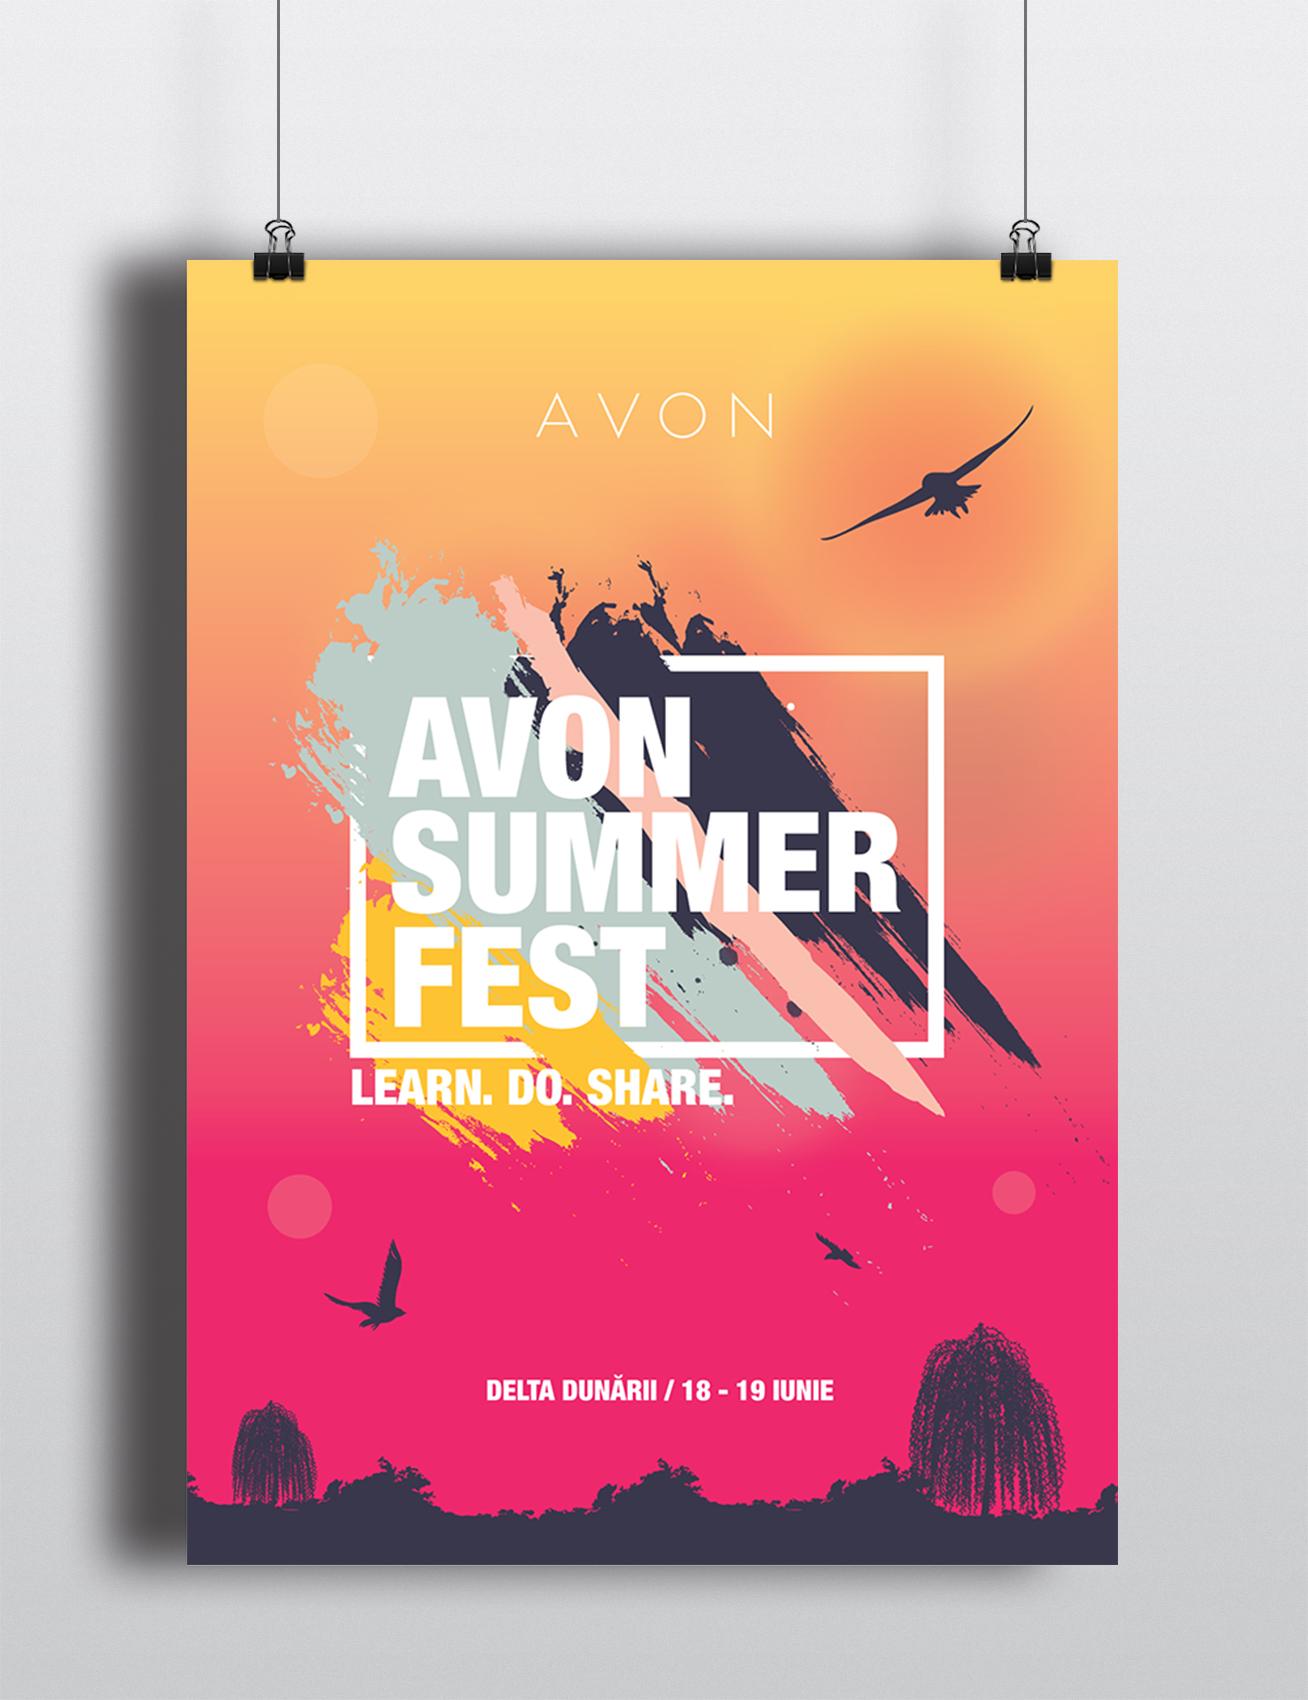 avon_summer_fest